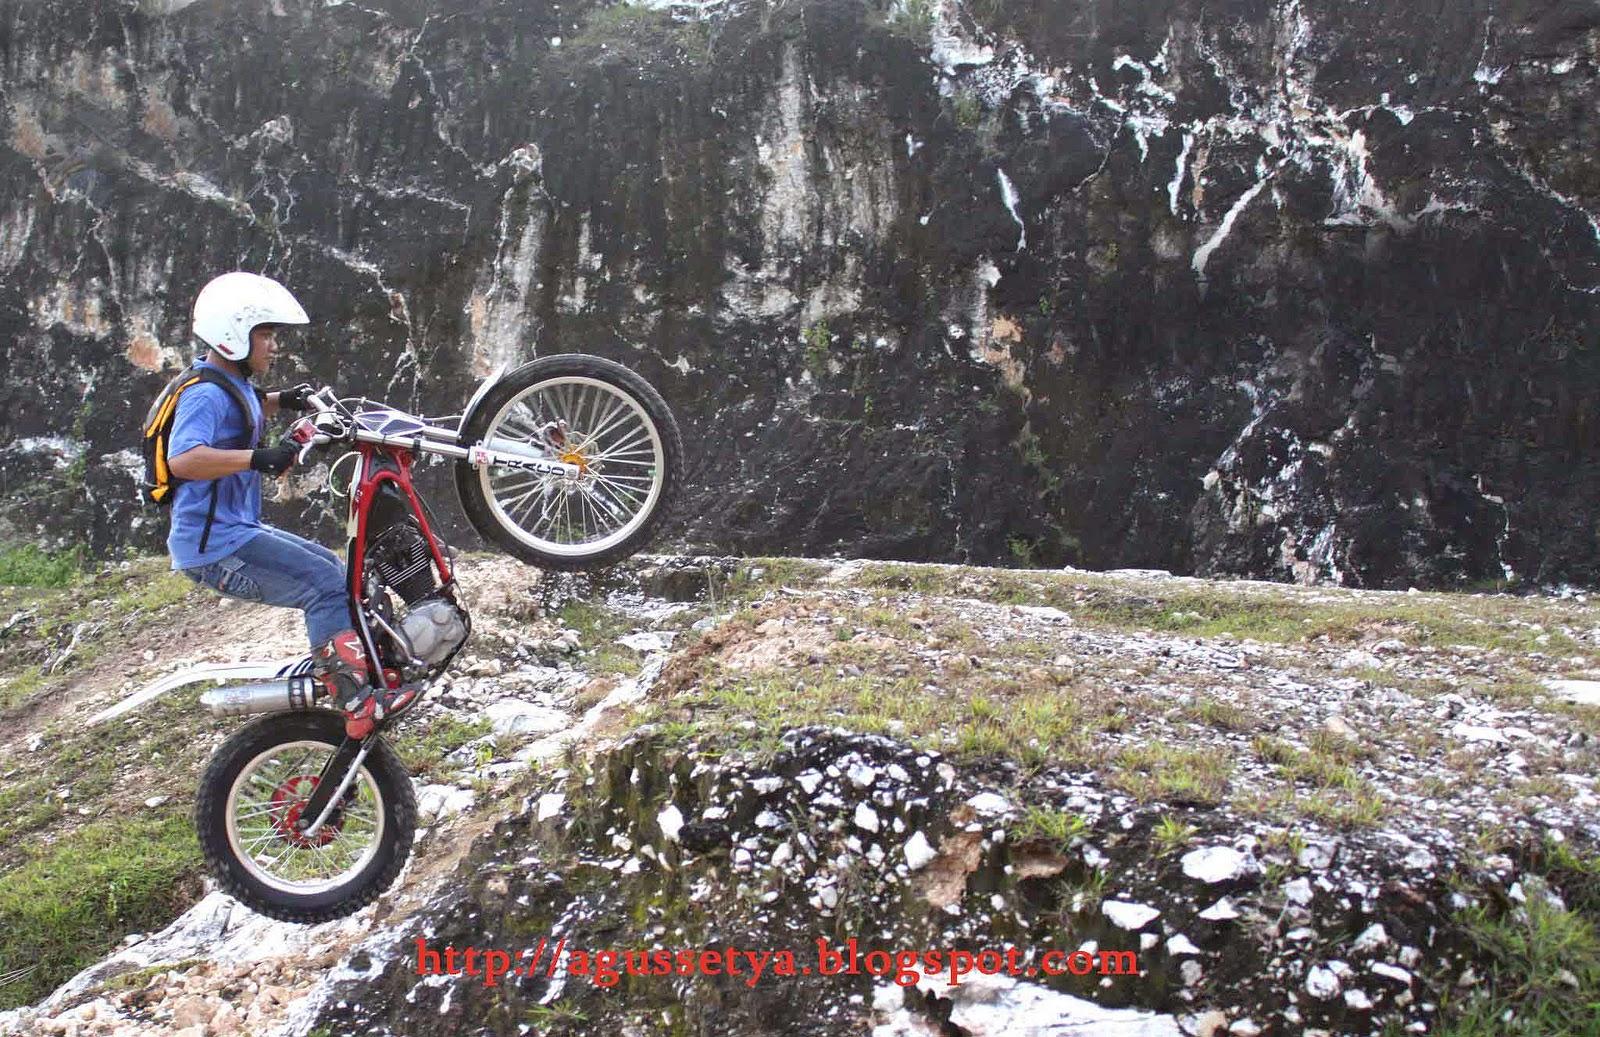 Koleksi Foto Modifikasi Motor Bebek Menjadi Trail Terlengkap